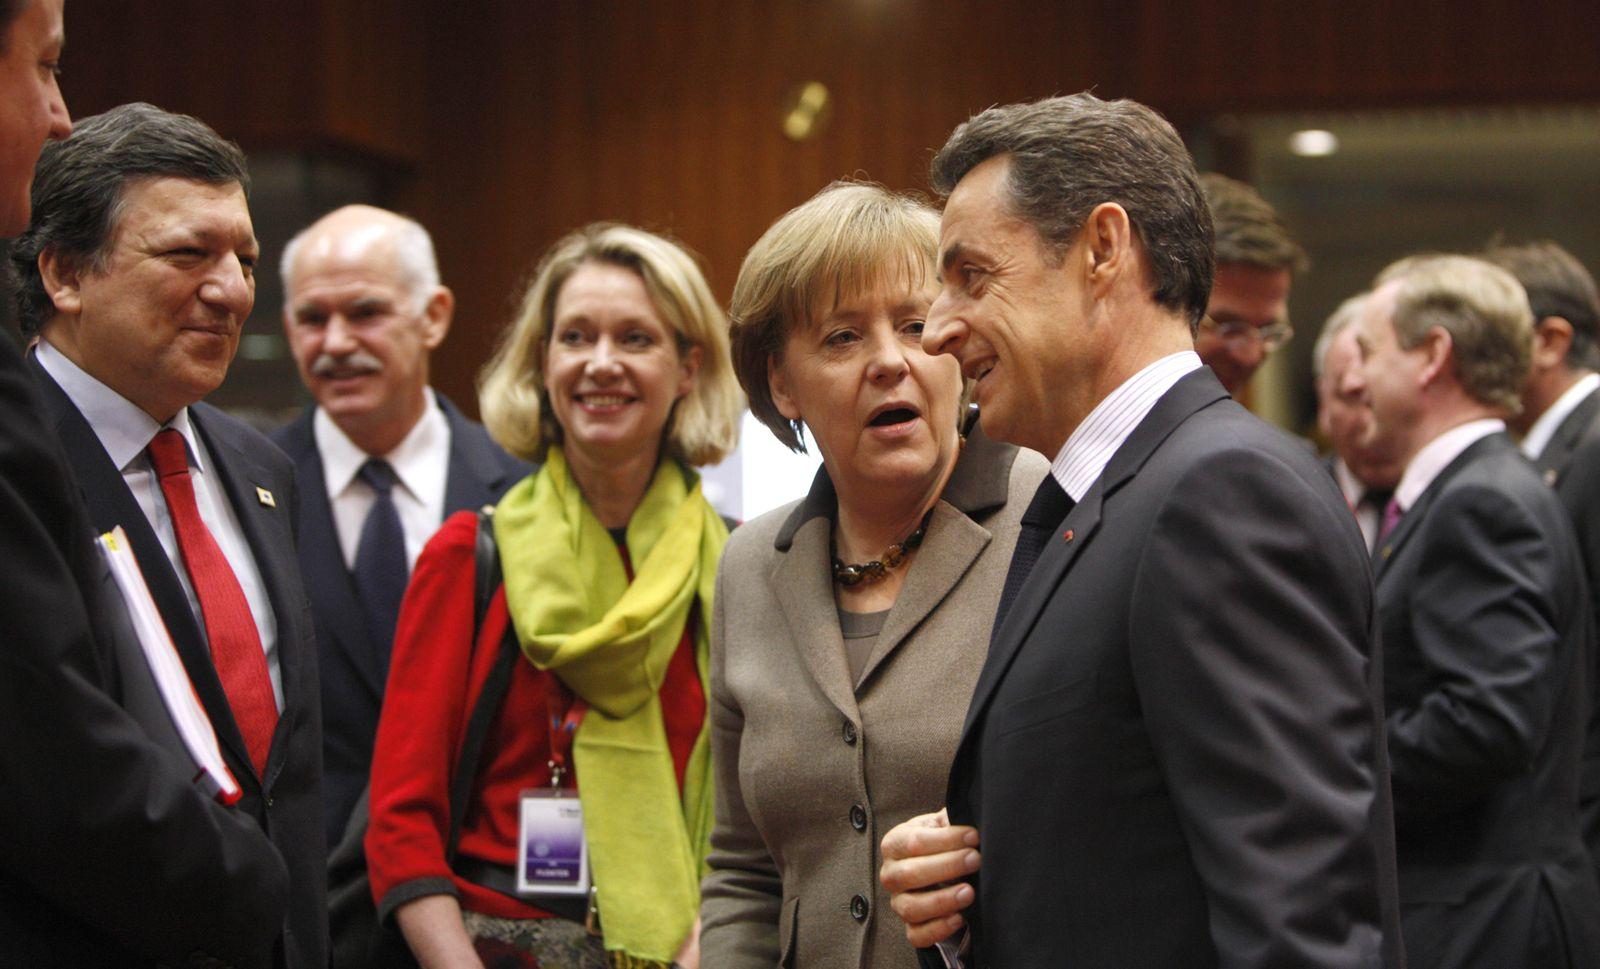 Merkel / Sarkozy / Barroso / Papandreou